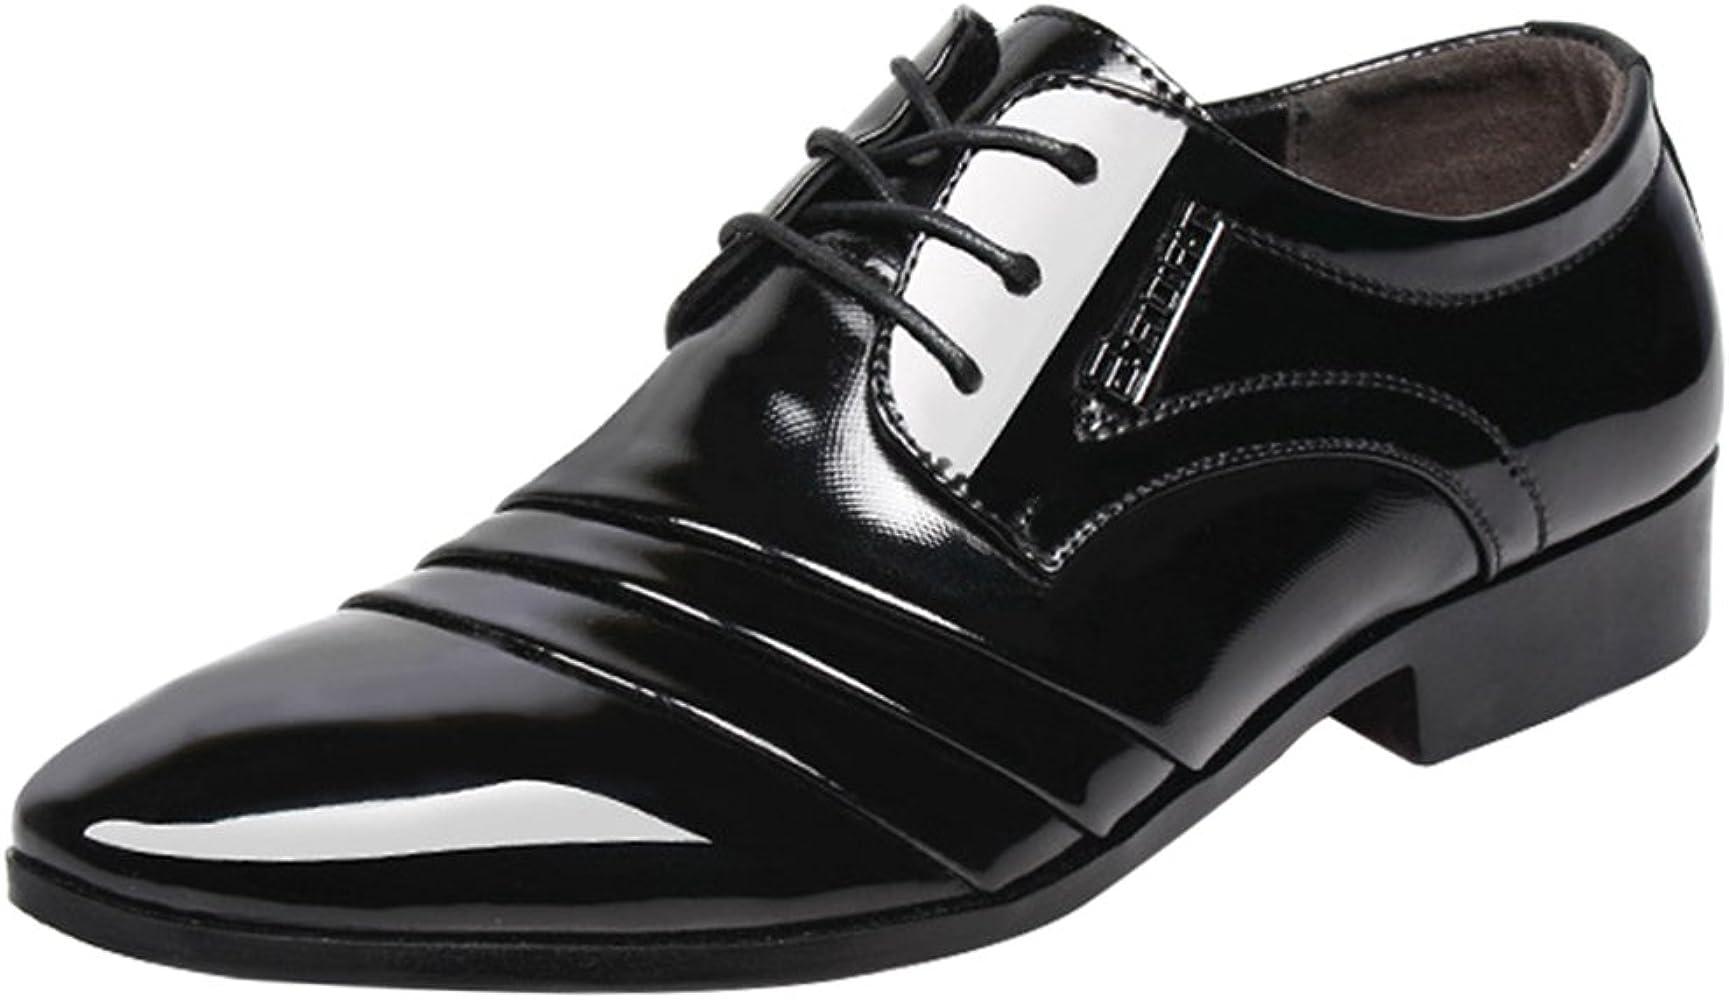 Chaussures Pour Mariage Homme Classique Chaussures UVpGqMSz